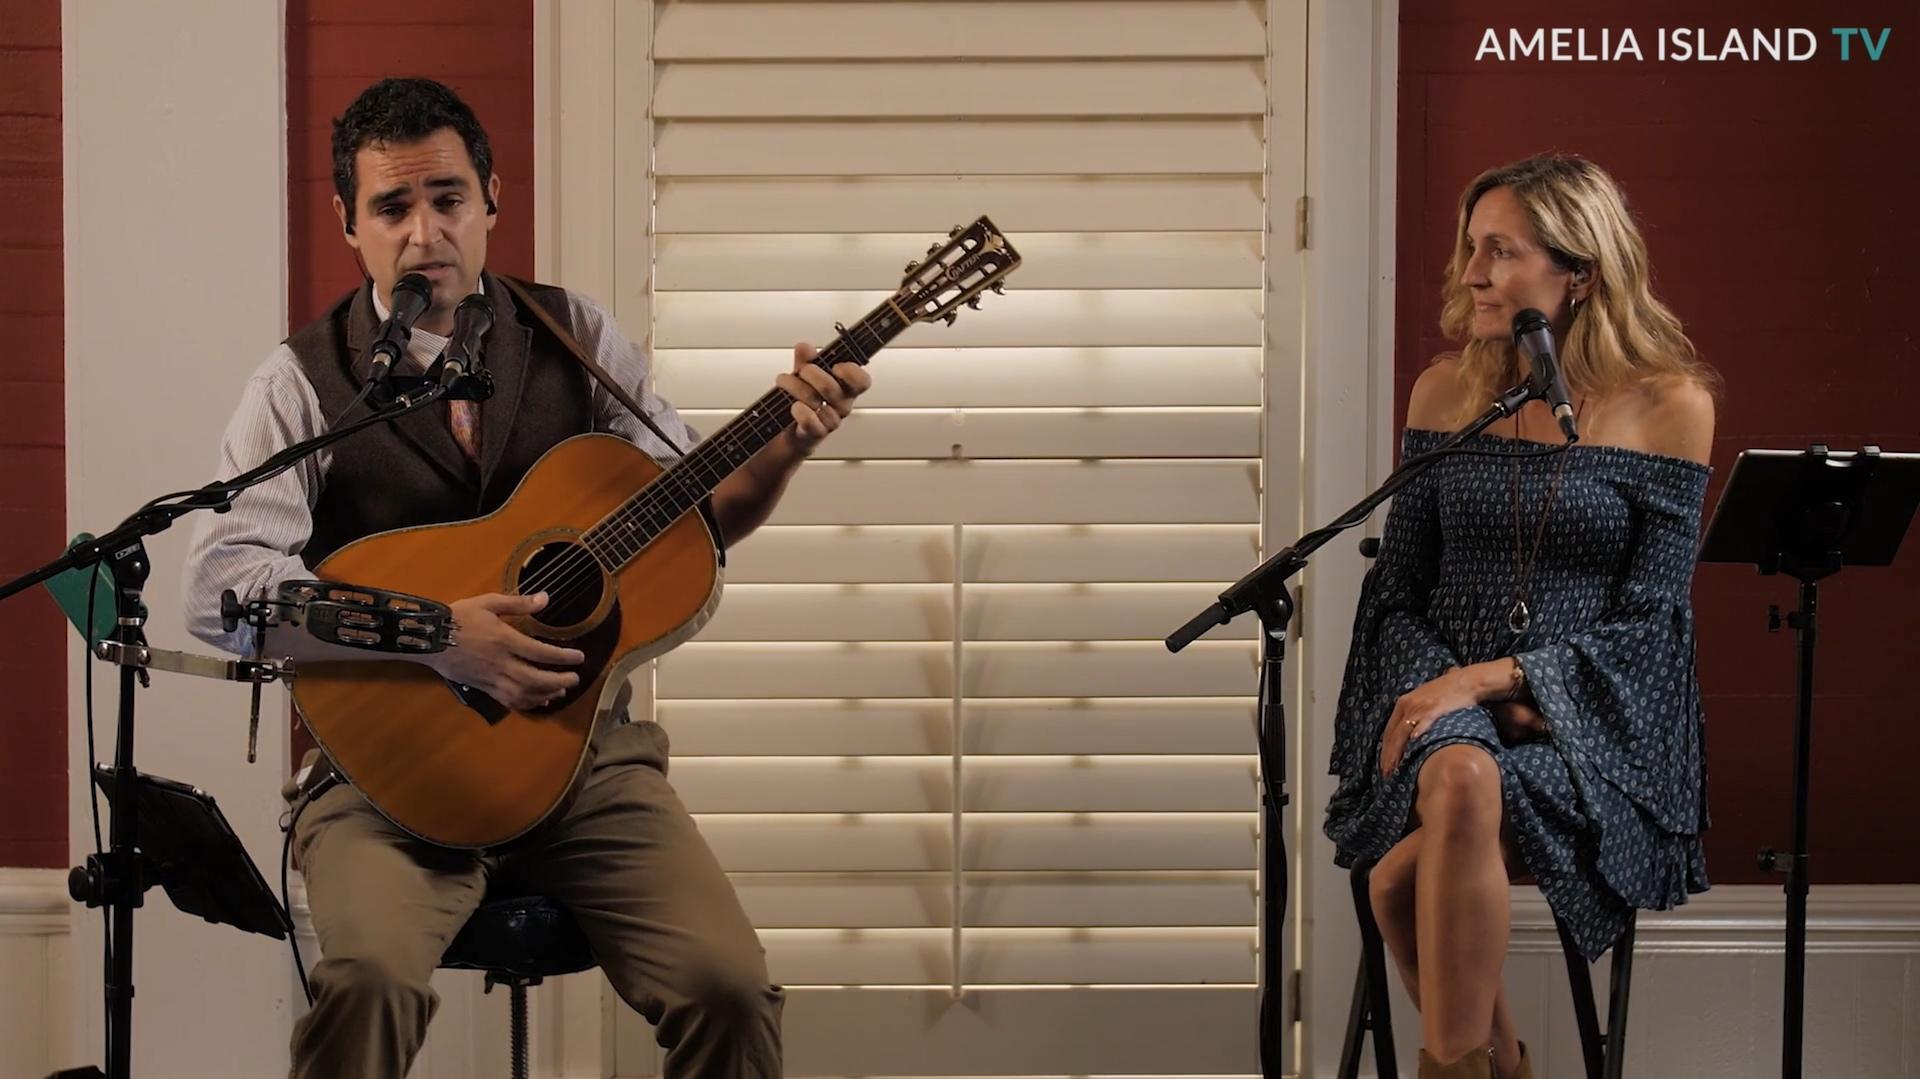 music on amelia owen plant aitv thumbnail